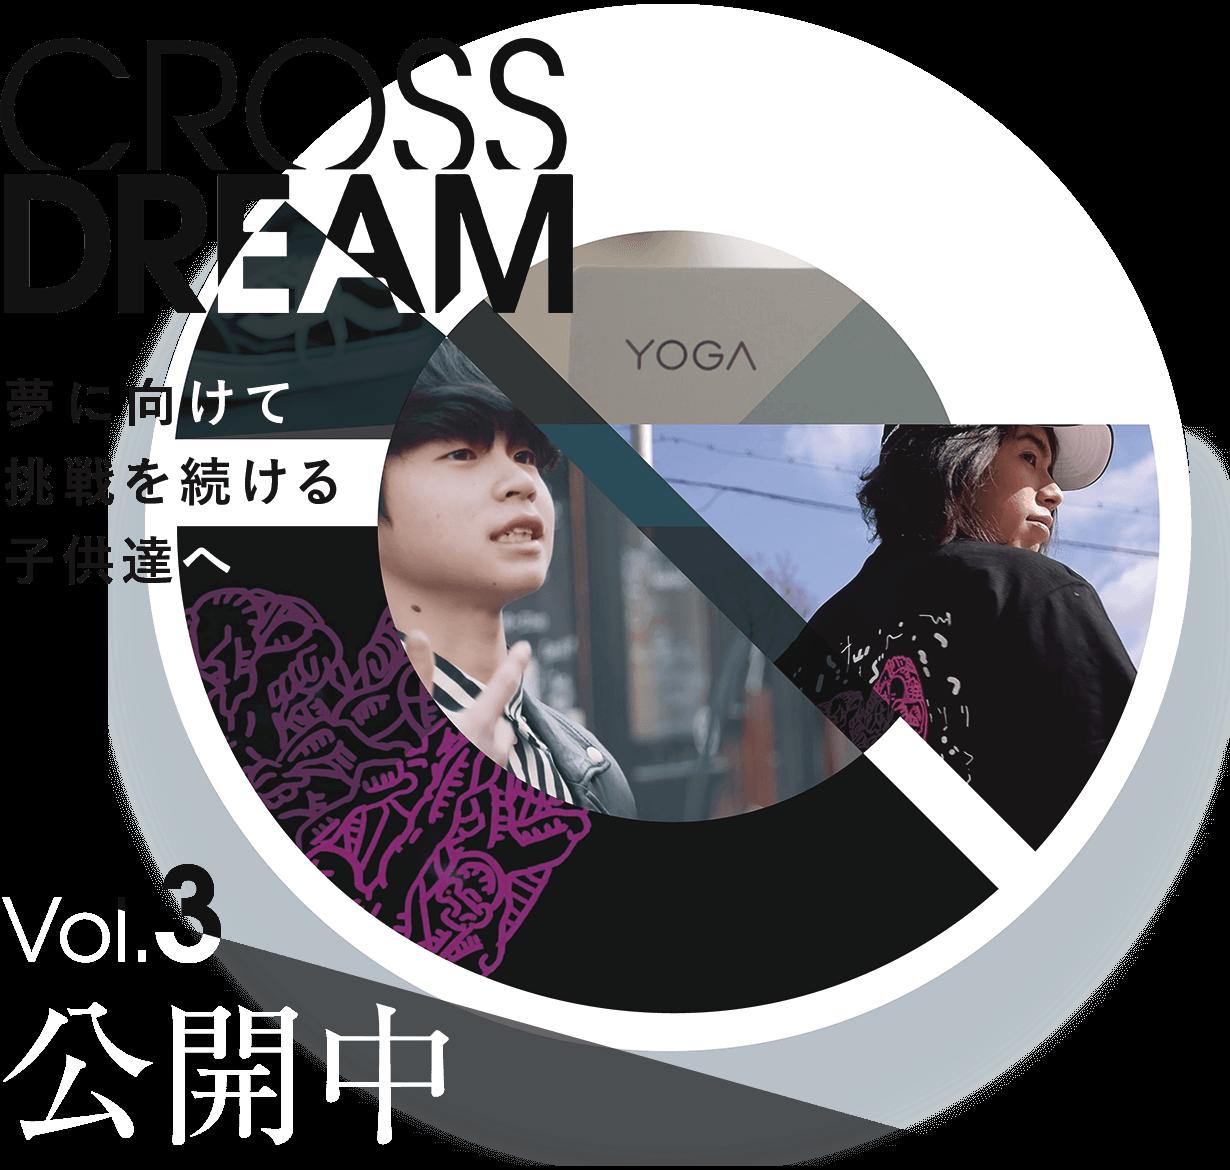 クロス×ドリーム|CROSS DREAM|夢に向けて挑戦を続ける子供達へ